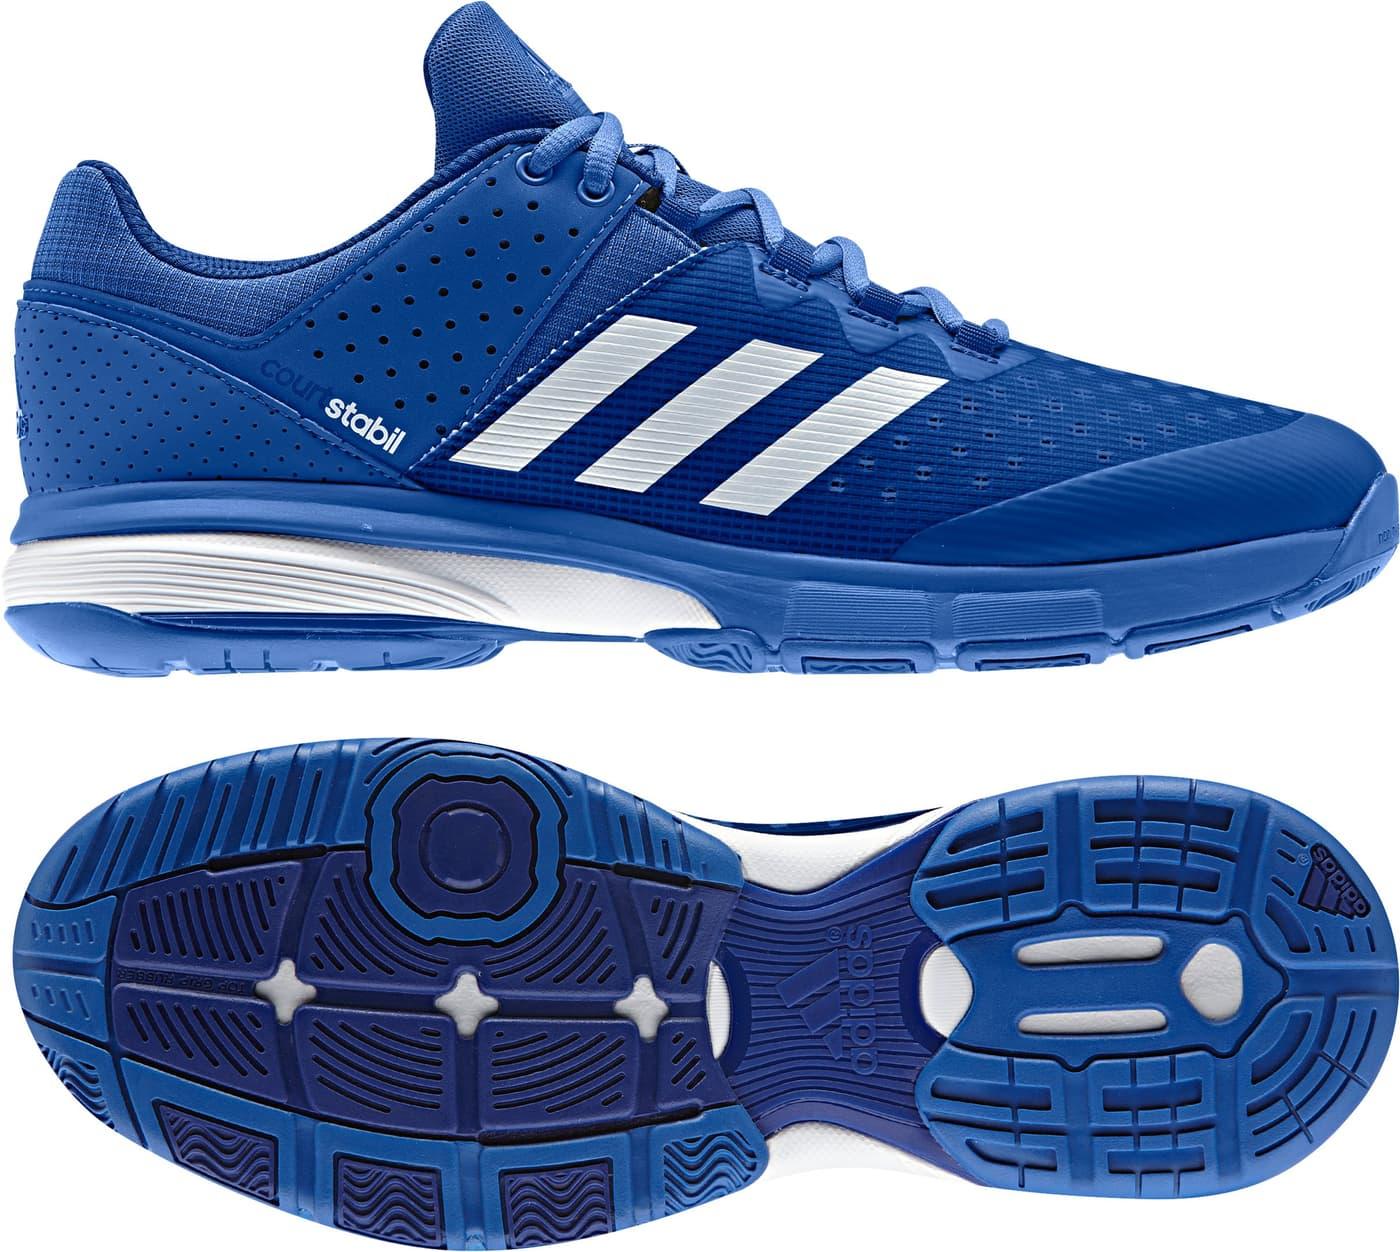 D'intérieur Adidas Court Pour HommeMigros Stabil Chaussures yf7b6gY